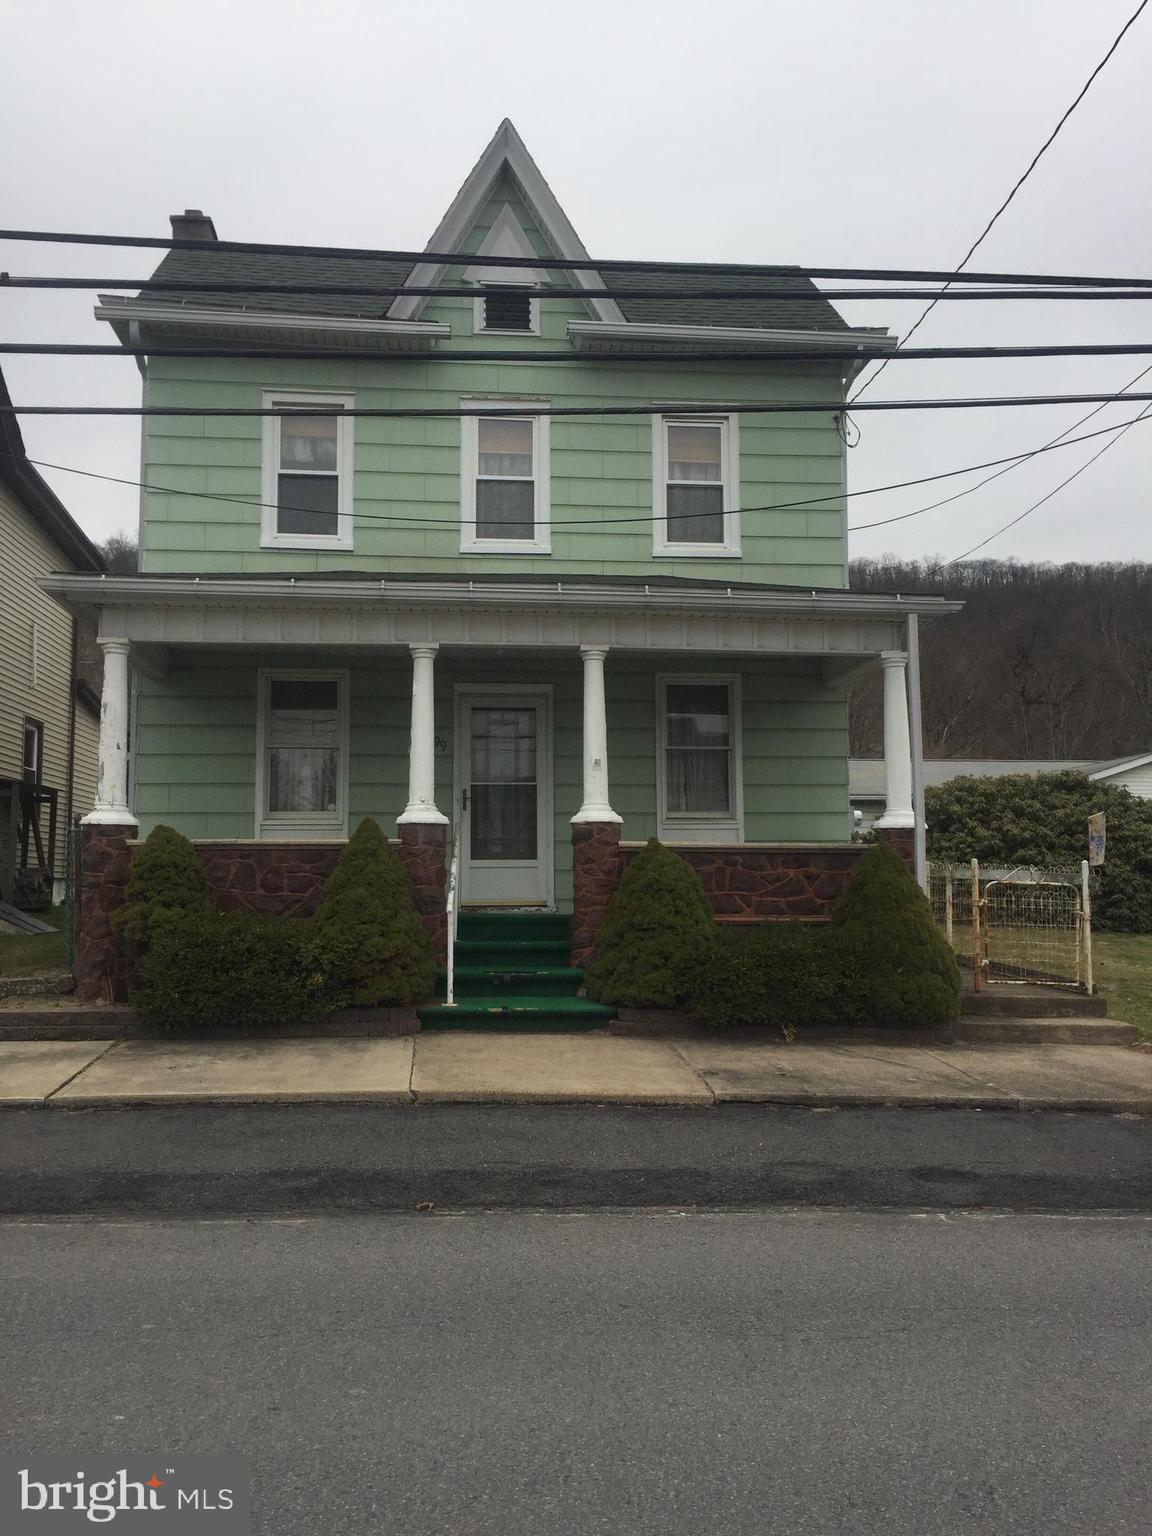 399 Main St, Ashland, PA 17921